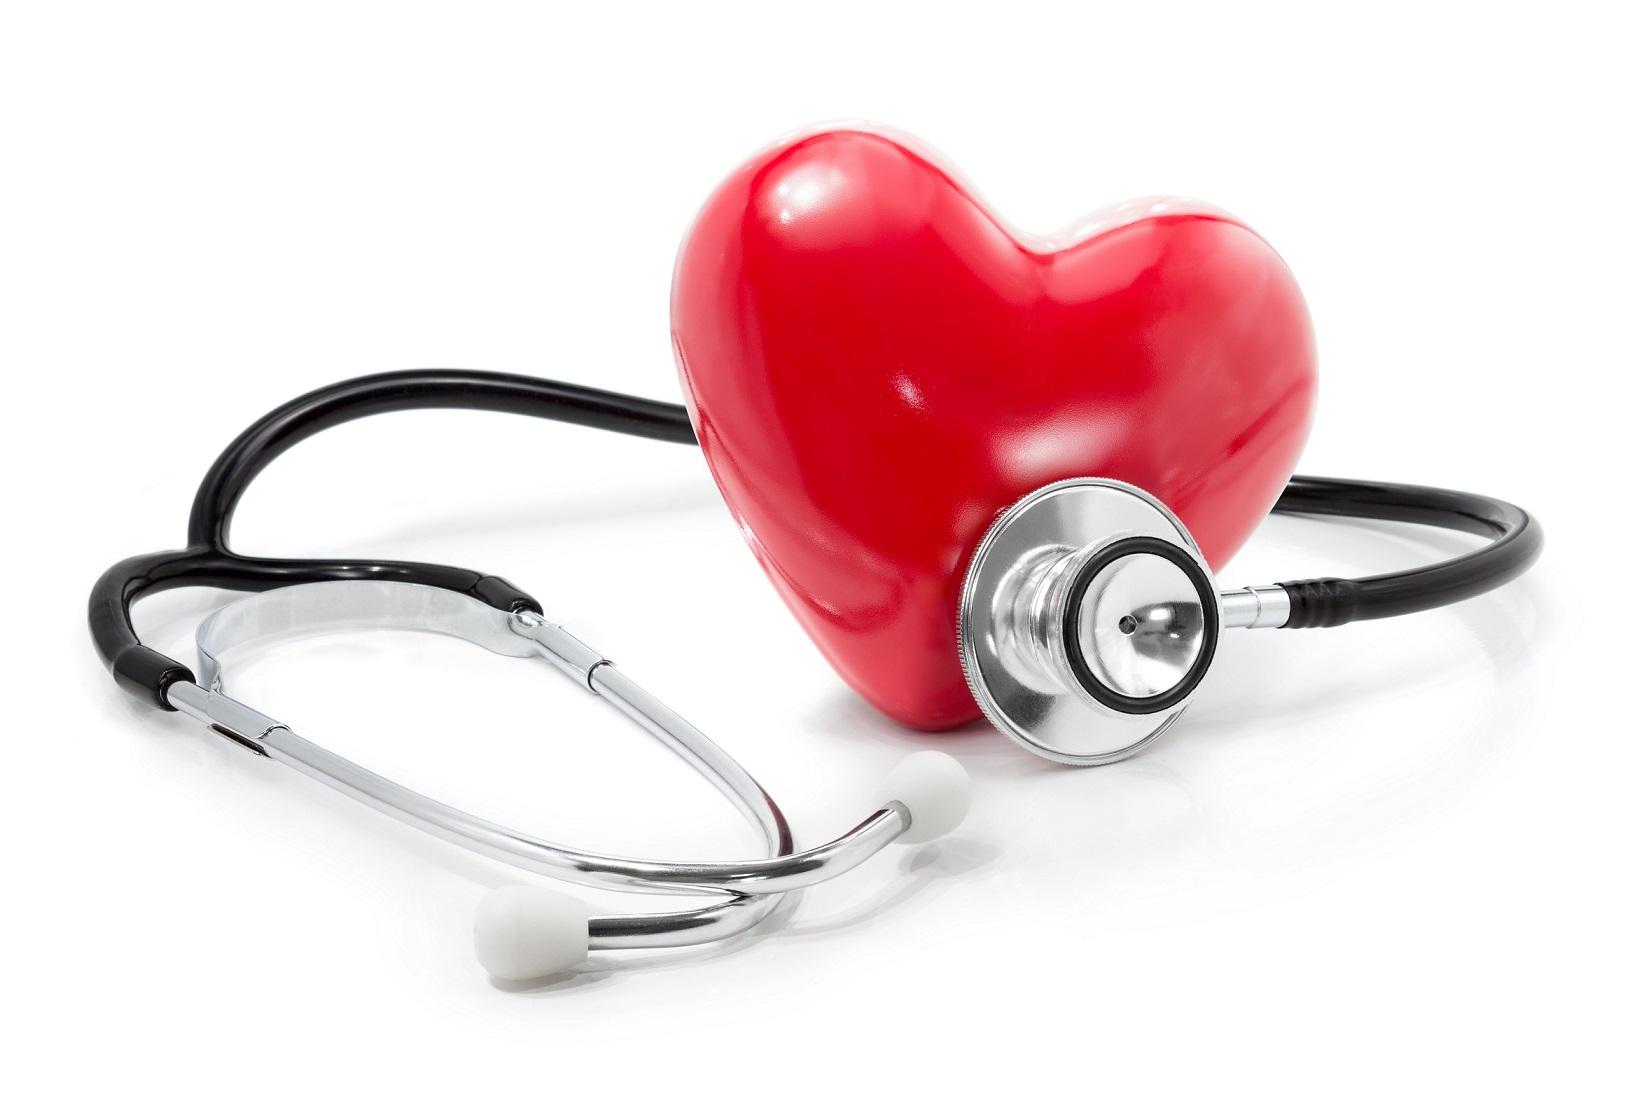 Giảm nguy cơ mắc bệnh tim khi người béo hiến máu